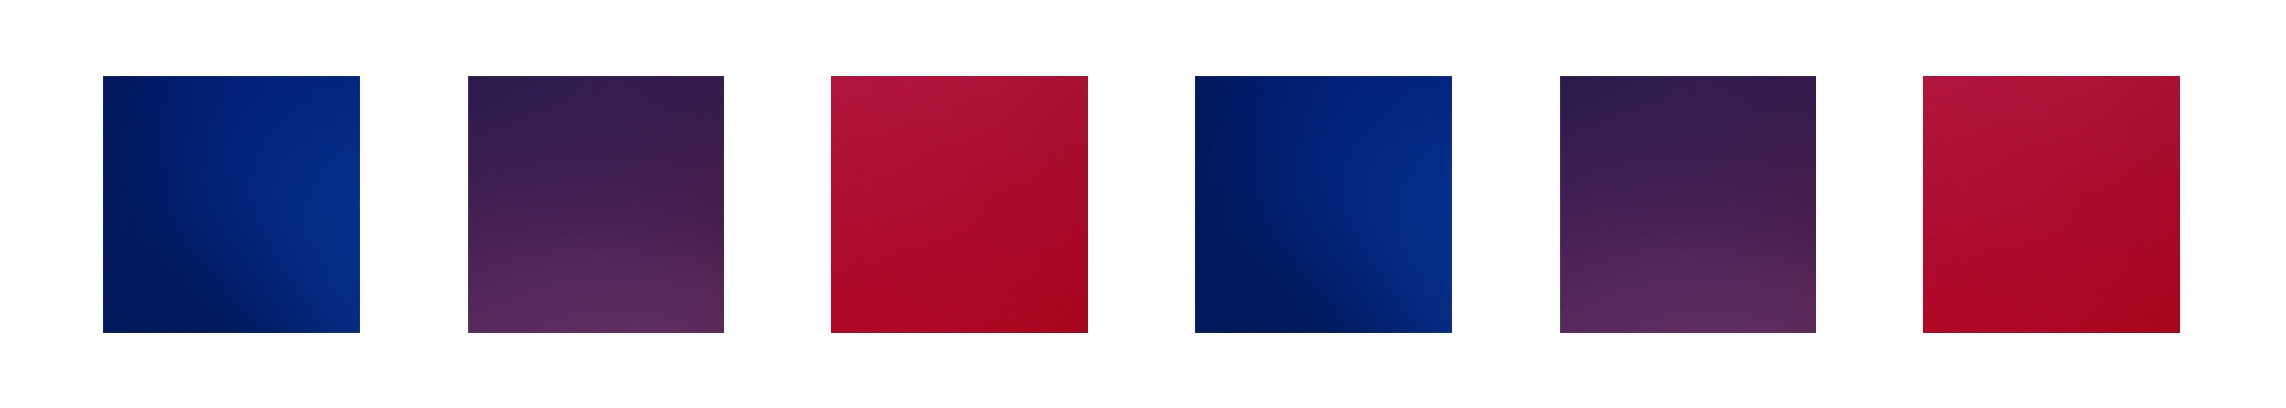 Obraz przedstawia kwadraty w jednej linii, w trzech kolorach.